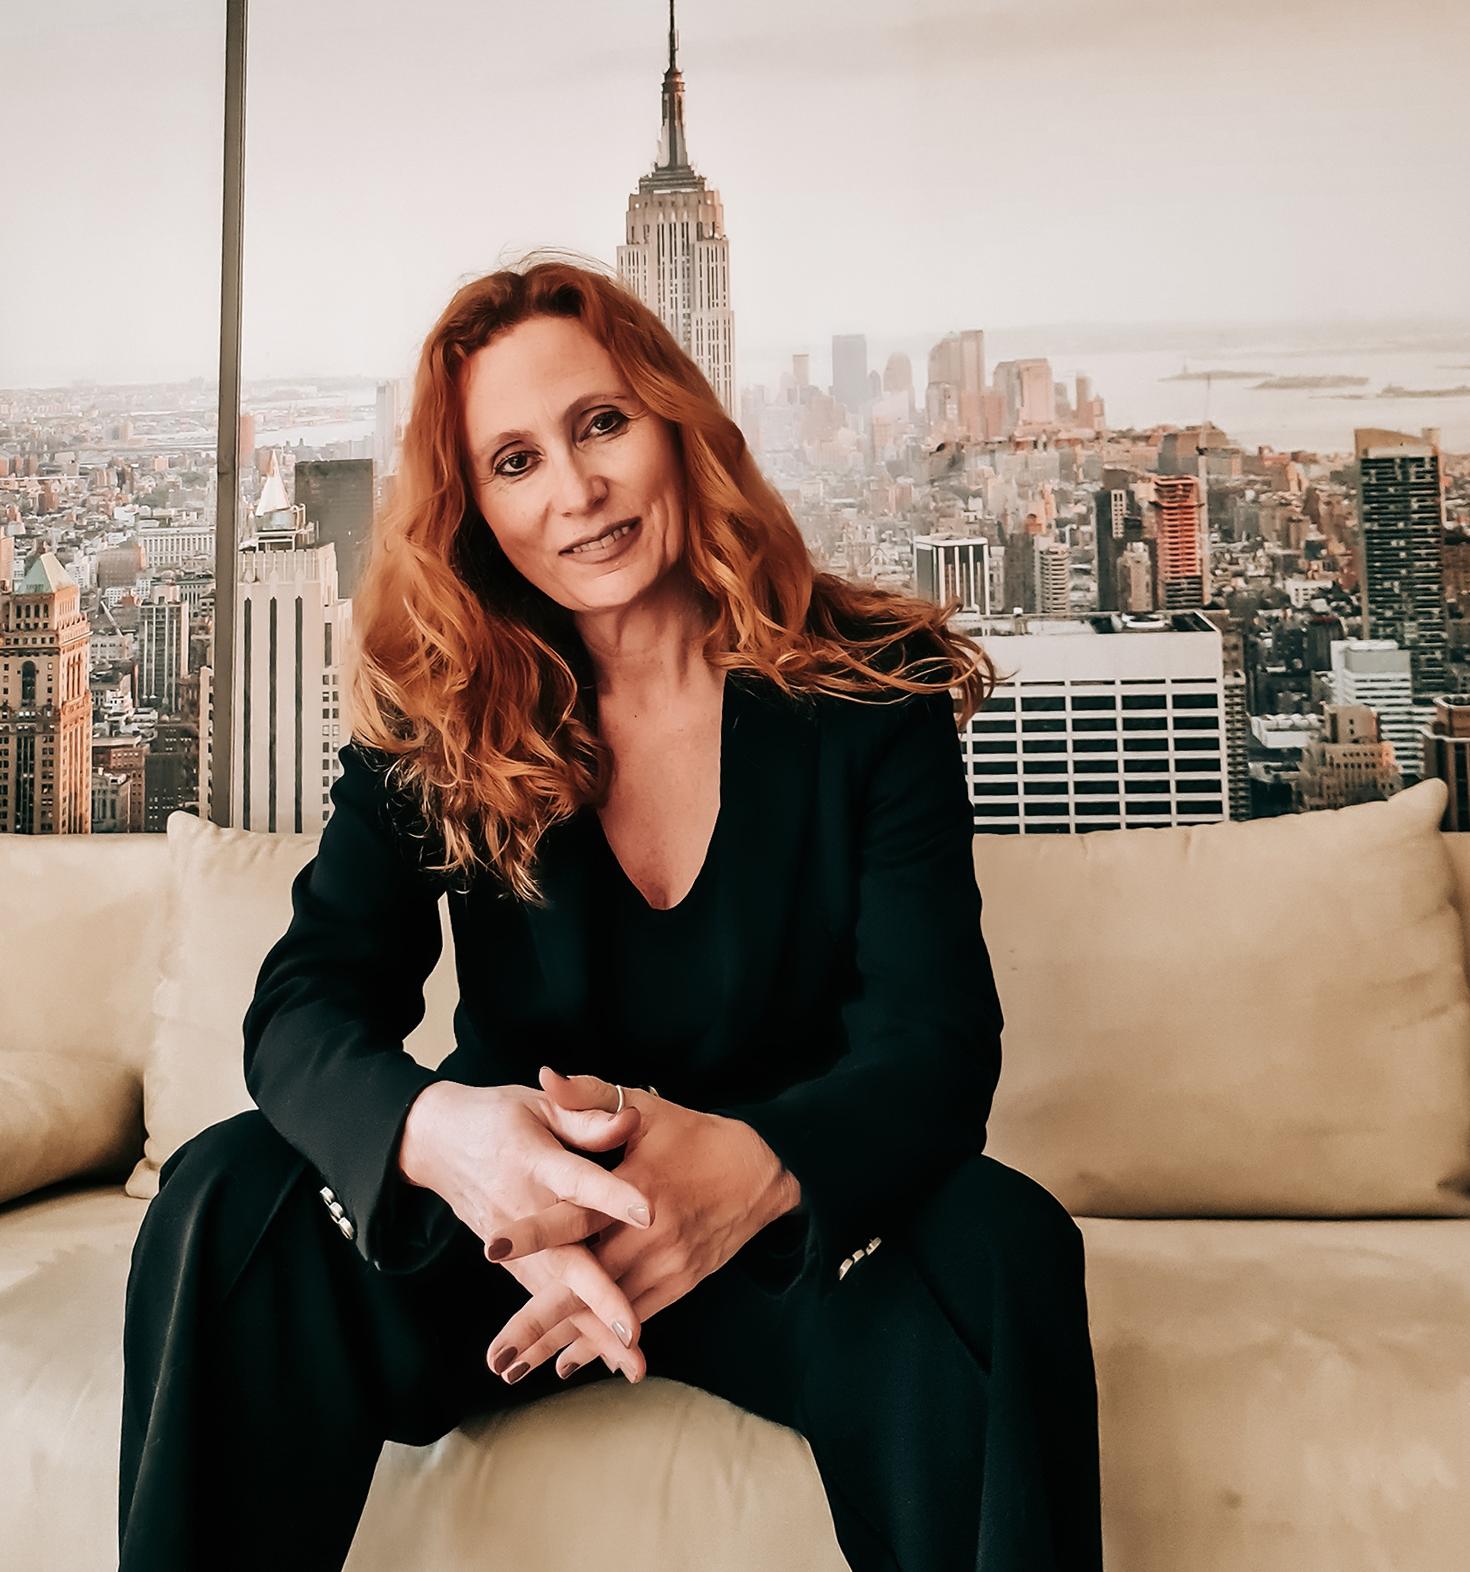 Die Erfolgs-Agentin Andrea Onlinekurs Selbstbewusstsein